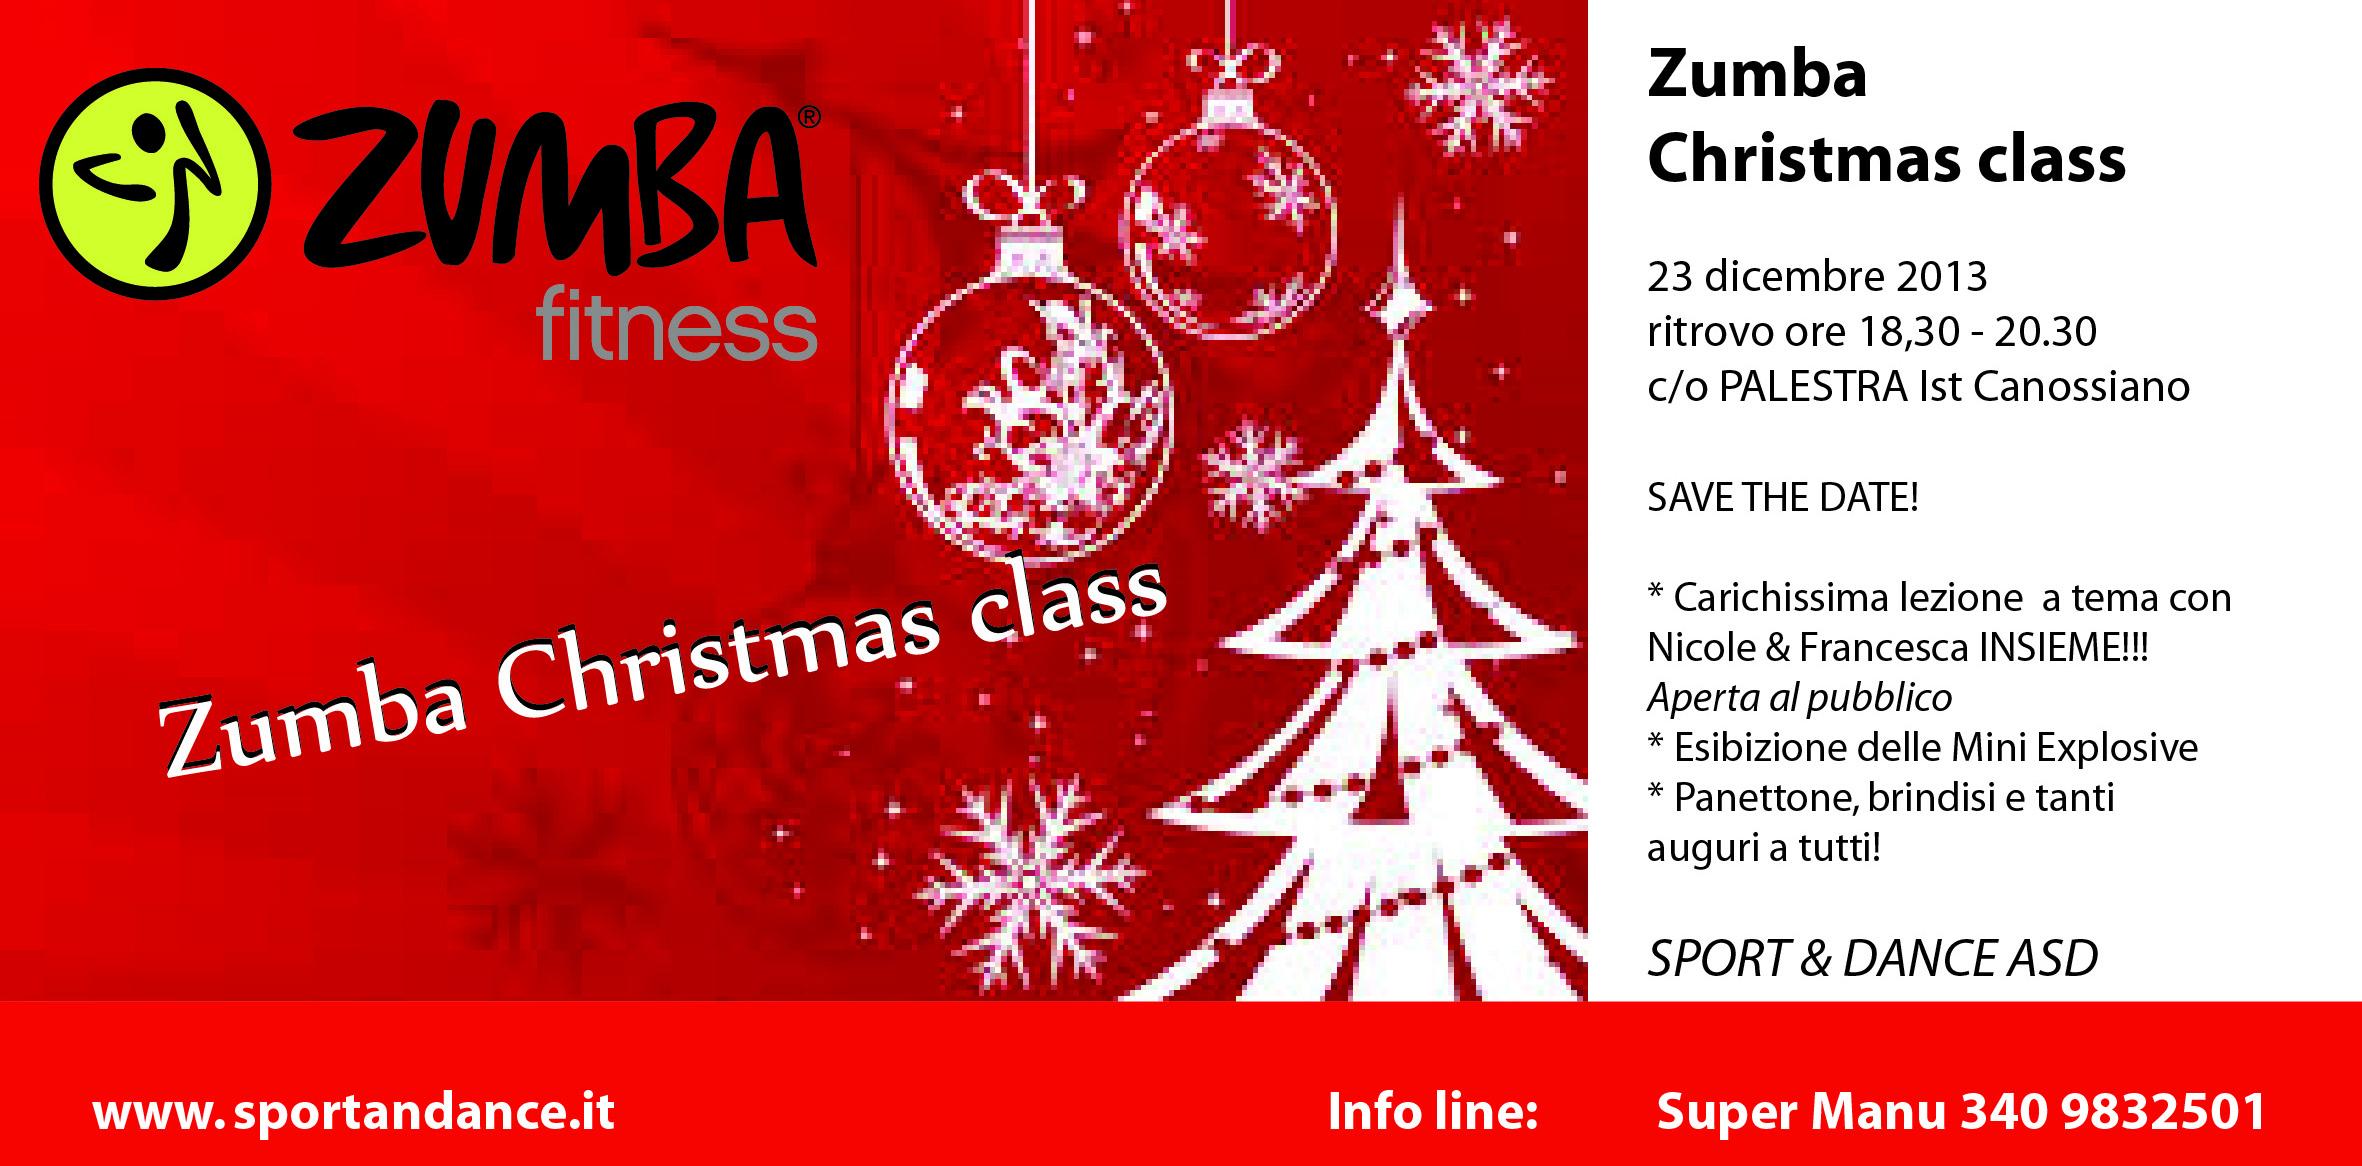 ZUMBA TREVISO * CHRISTMAS CLASS SPORT & DANCE - SPORT & DANCE ASD ...